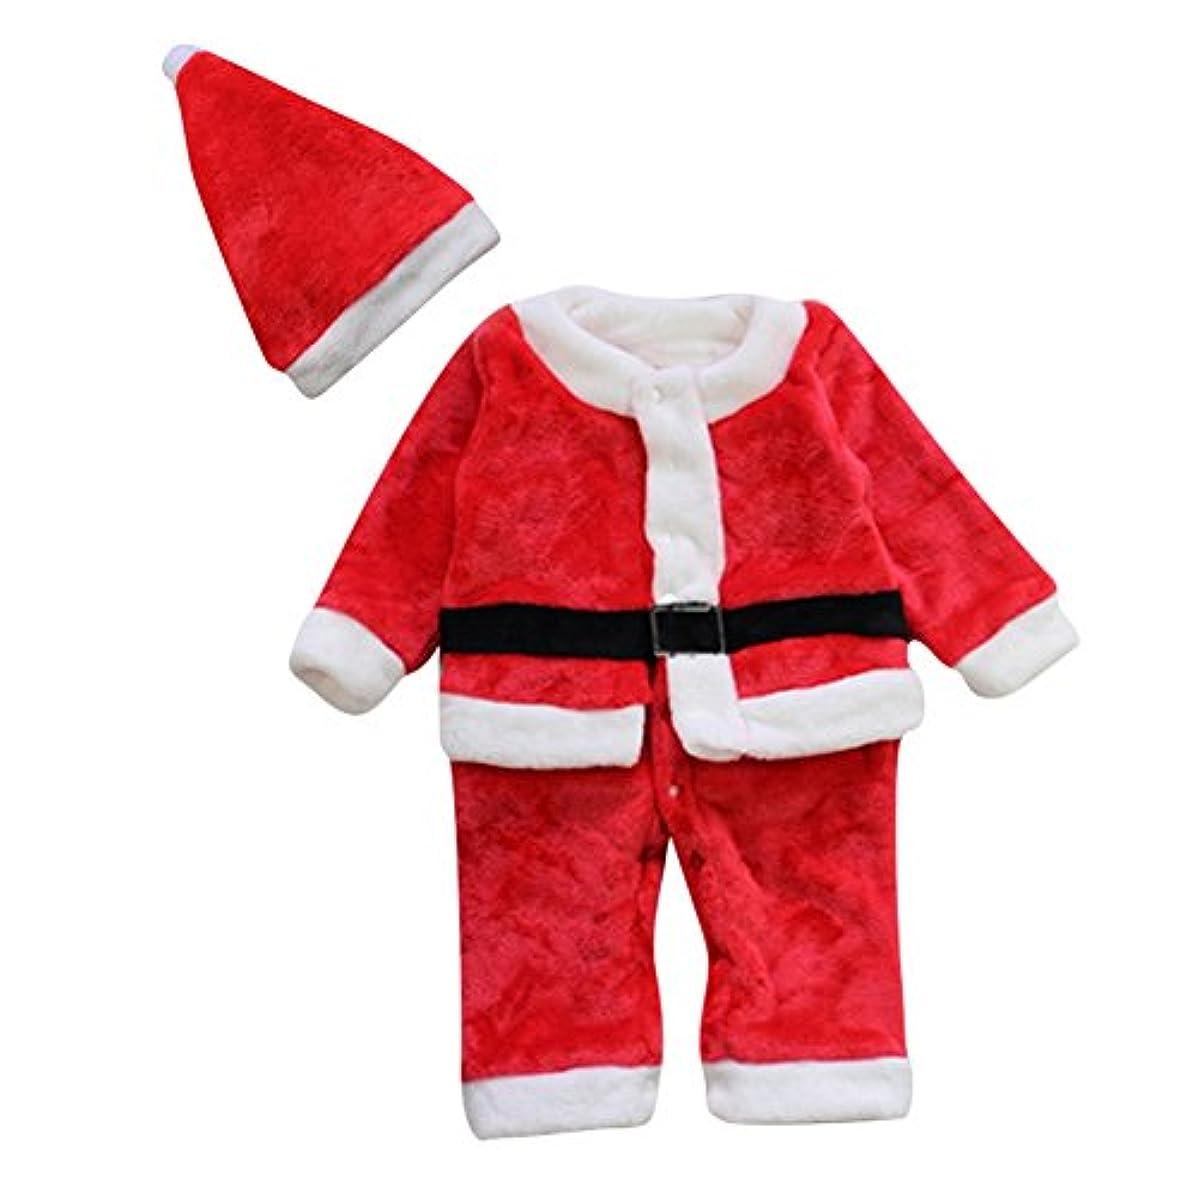 バンクレアいっぱいLe SSara 冬の赤ちゃんクリスマスロンパー新生児のボディスーツコスチューム衣装帽子2個 (0-6 Months)